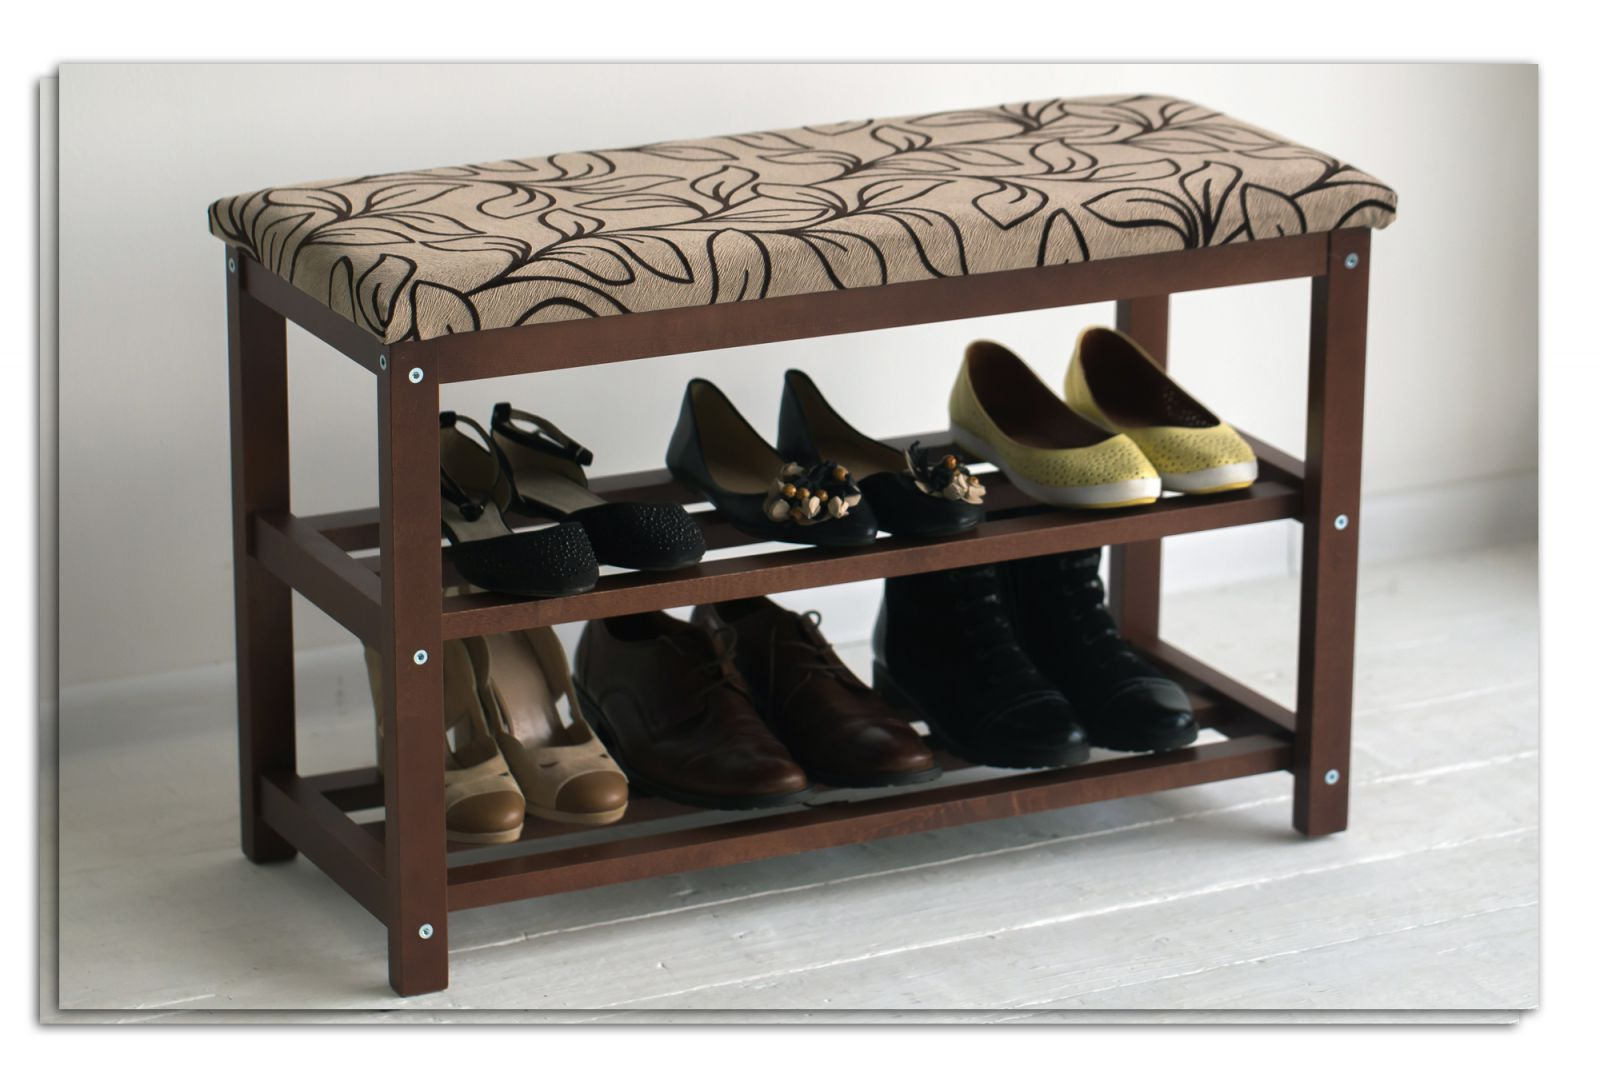 банкетка для обуви в прихожую комнату деревянная конструкция с оббивкой